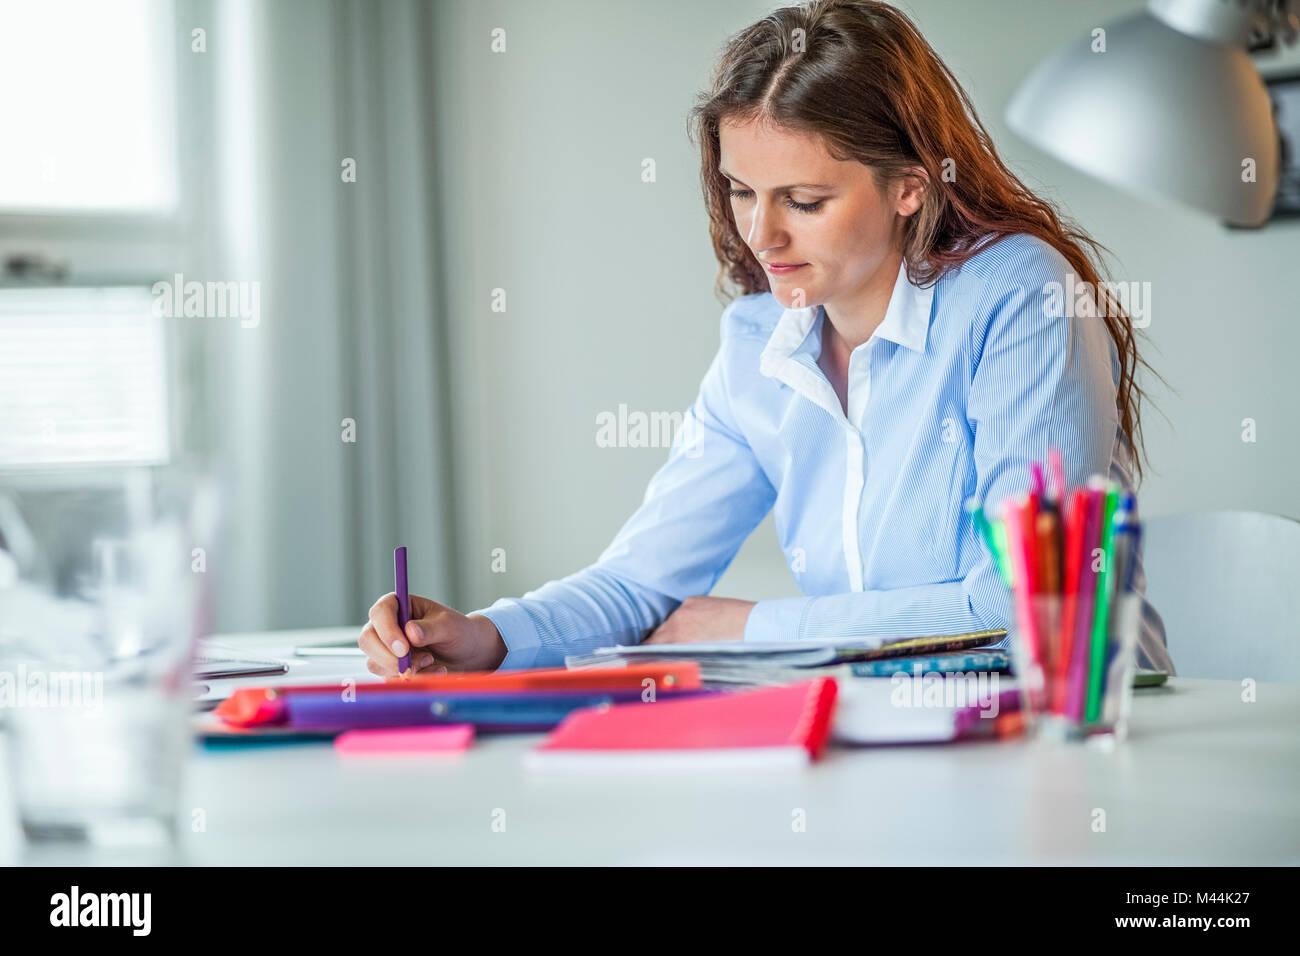 Junge weibliche Mode Designer am Schreibtisch im Büro arbeiten Stockbild